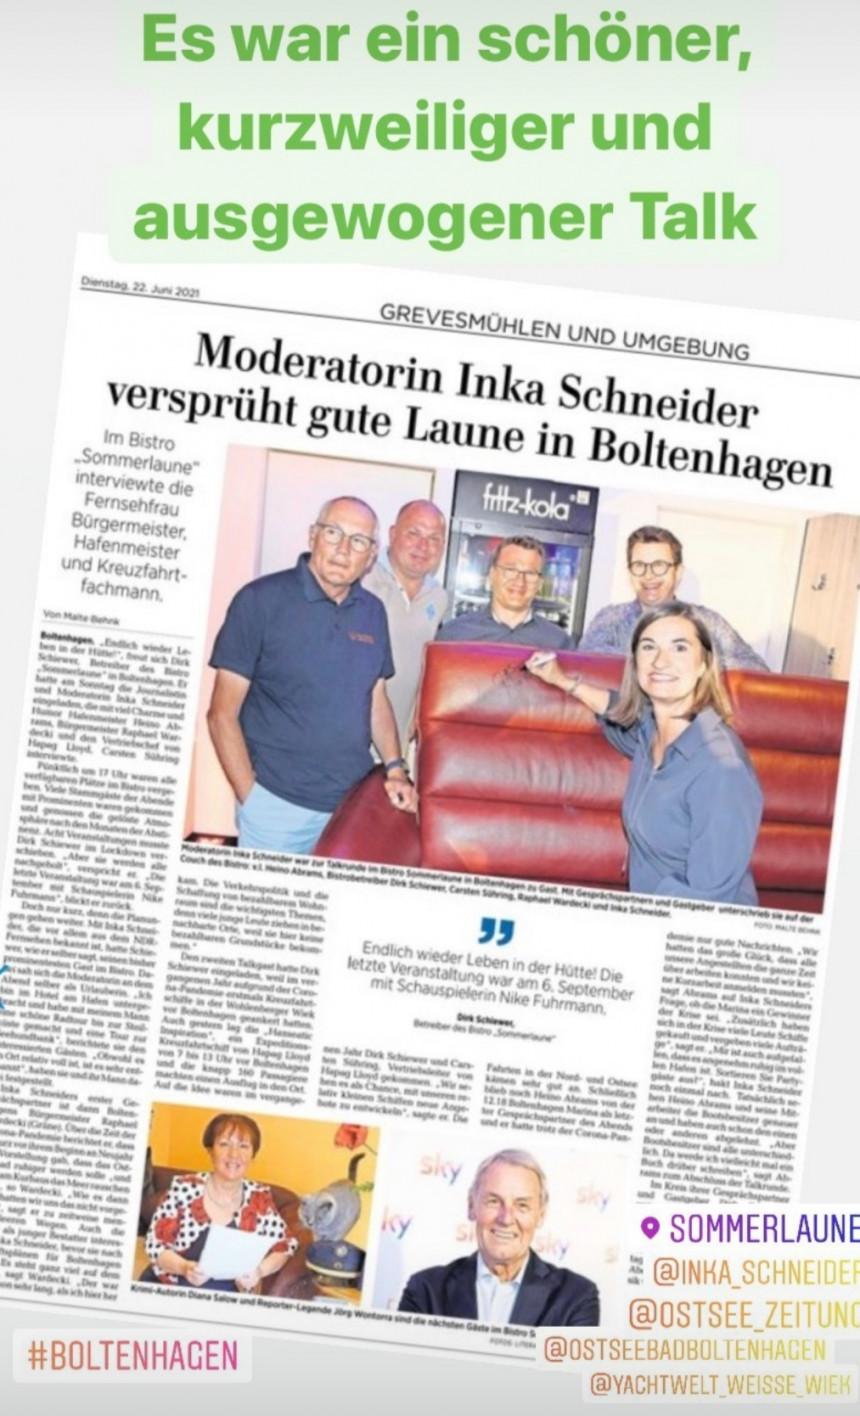 Bistro Sommerlaune- Talk mit NDR Moderatorin Inka Schneider